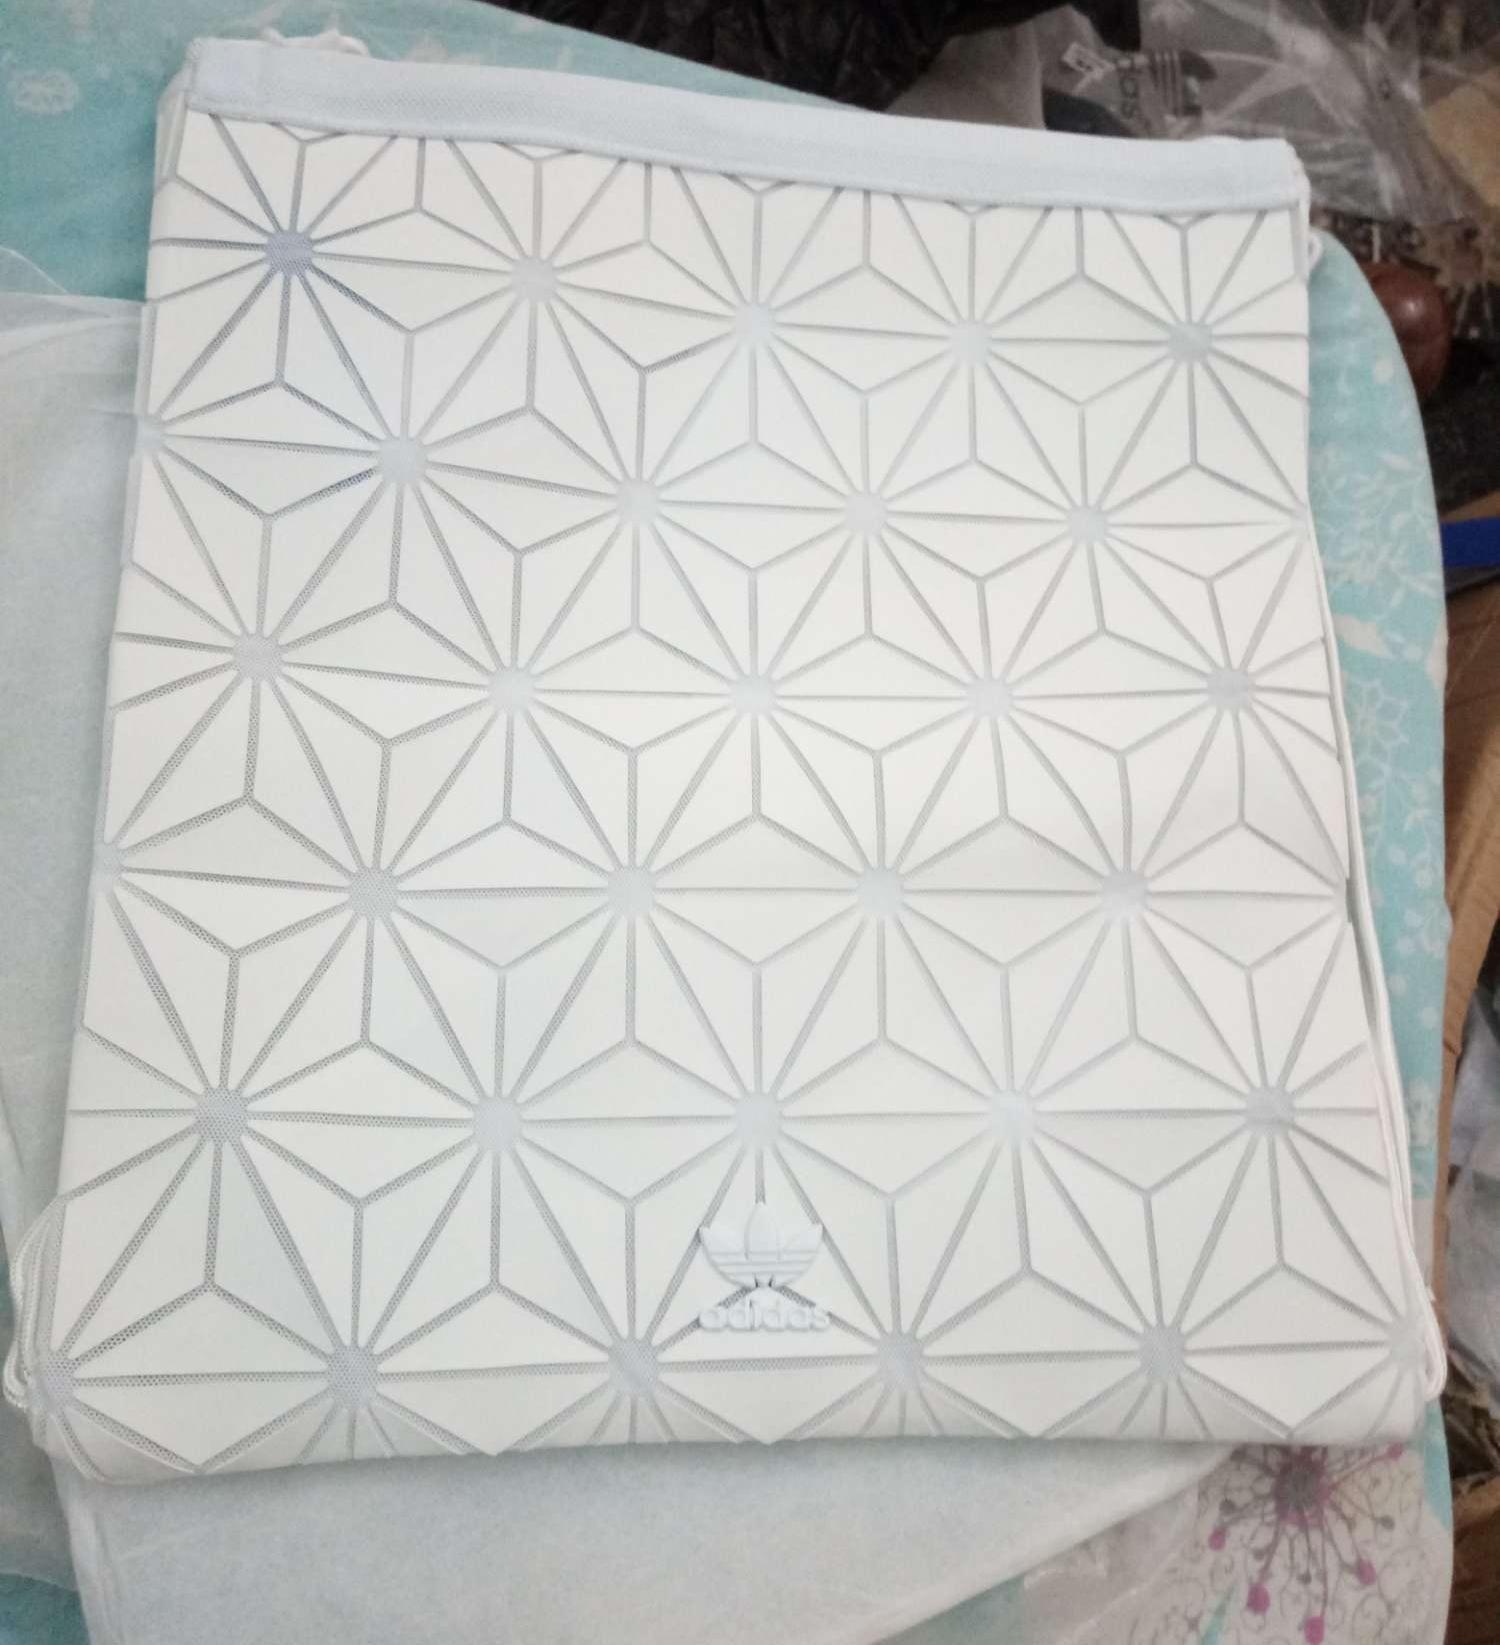 Adidas Issey Miyake White Drawstring Bag